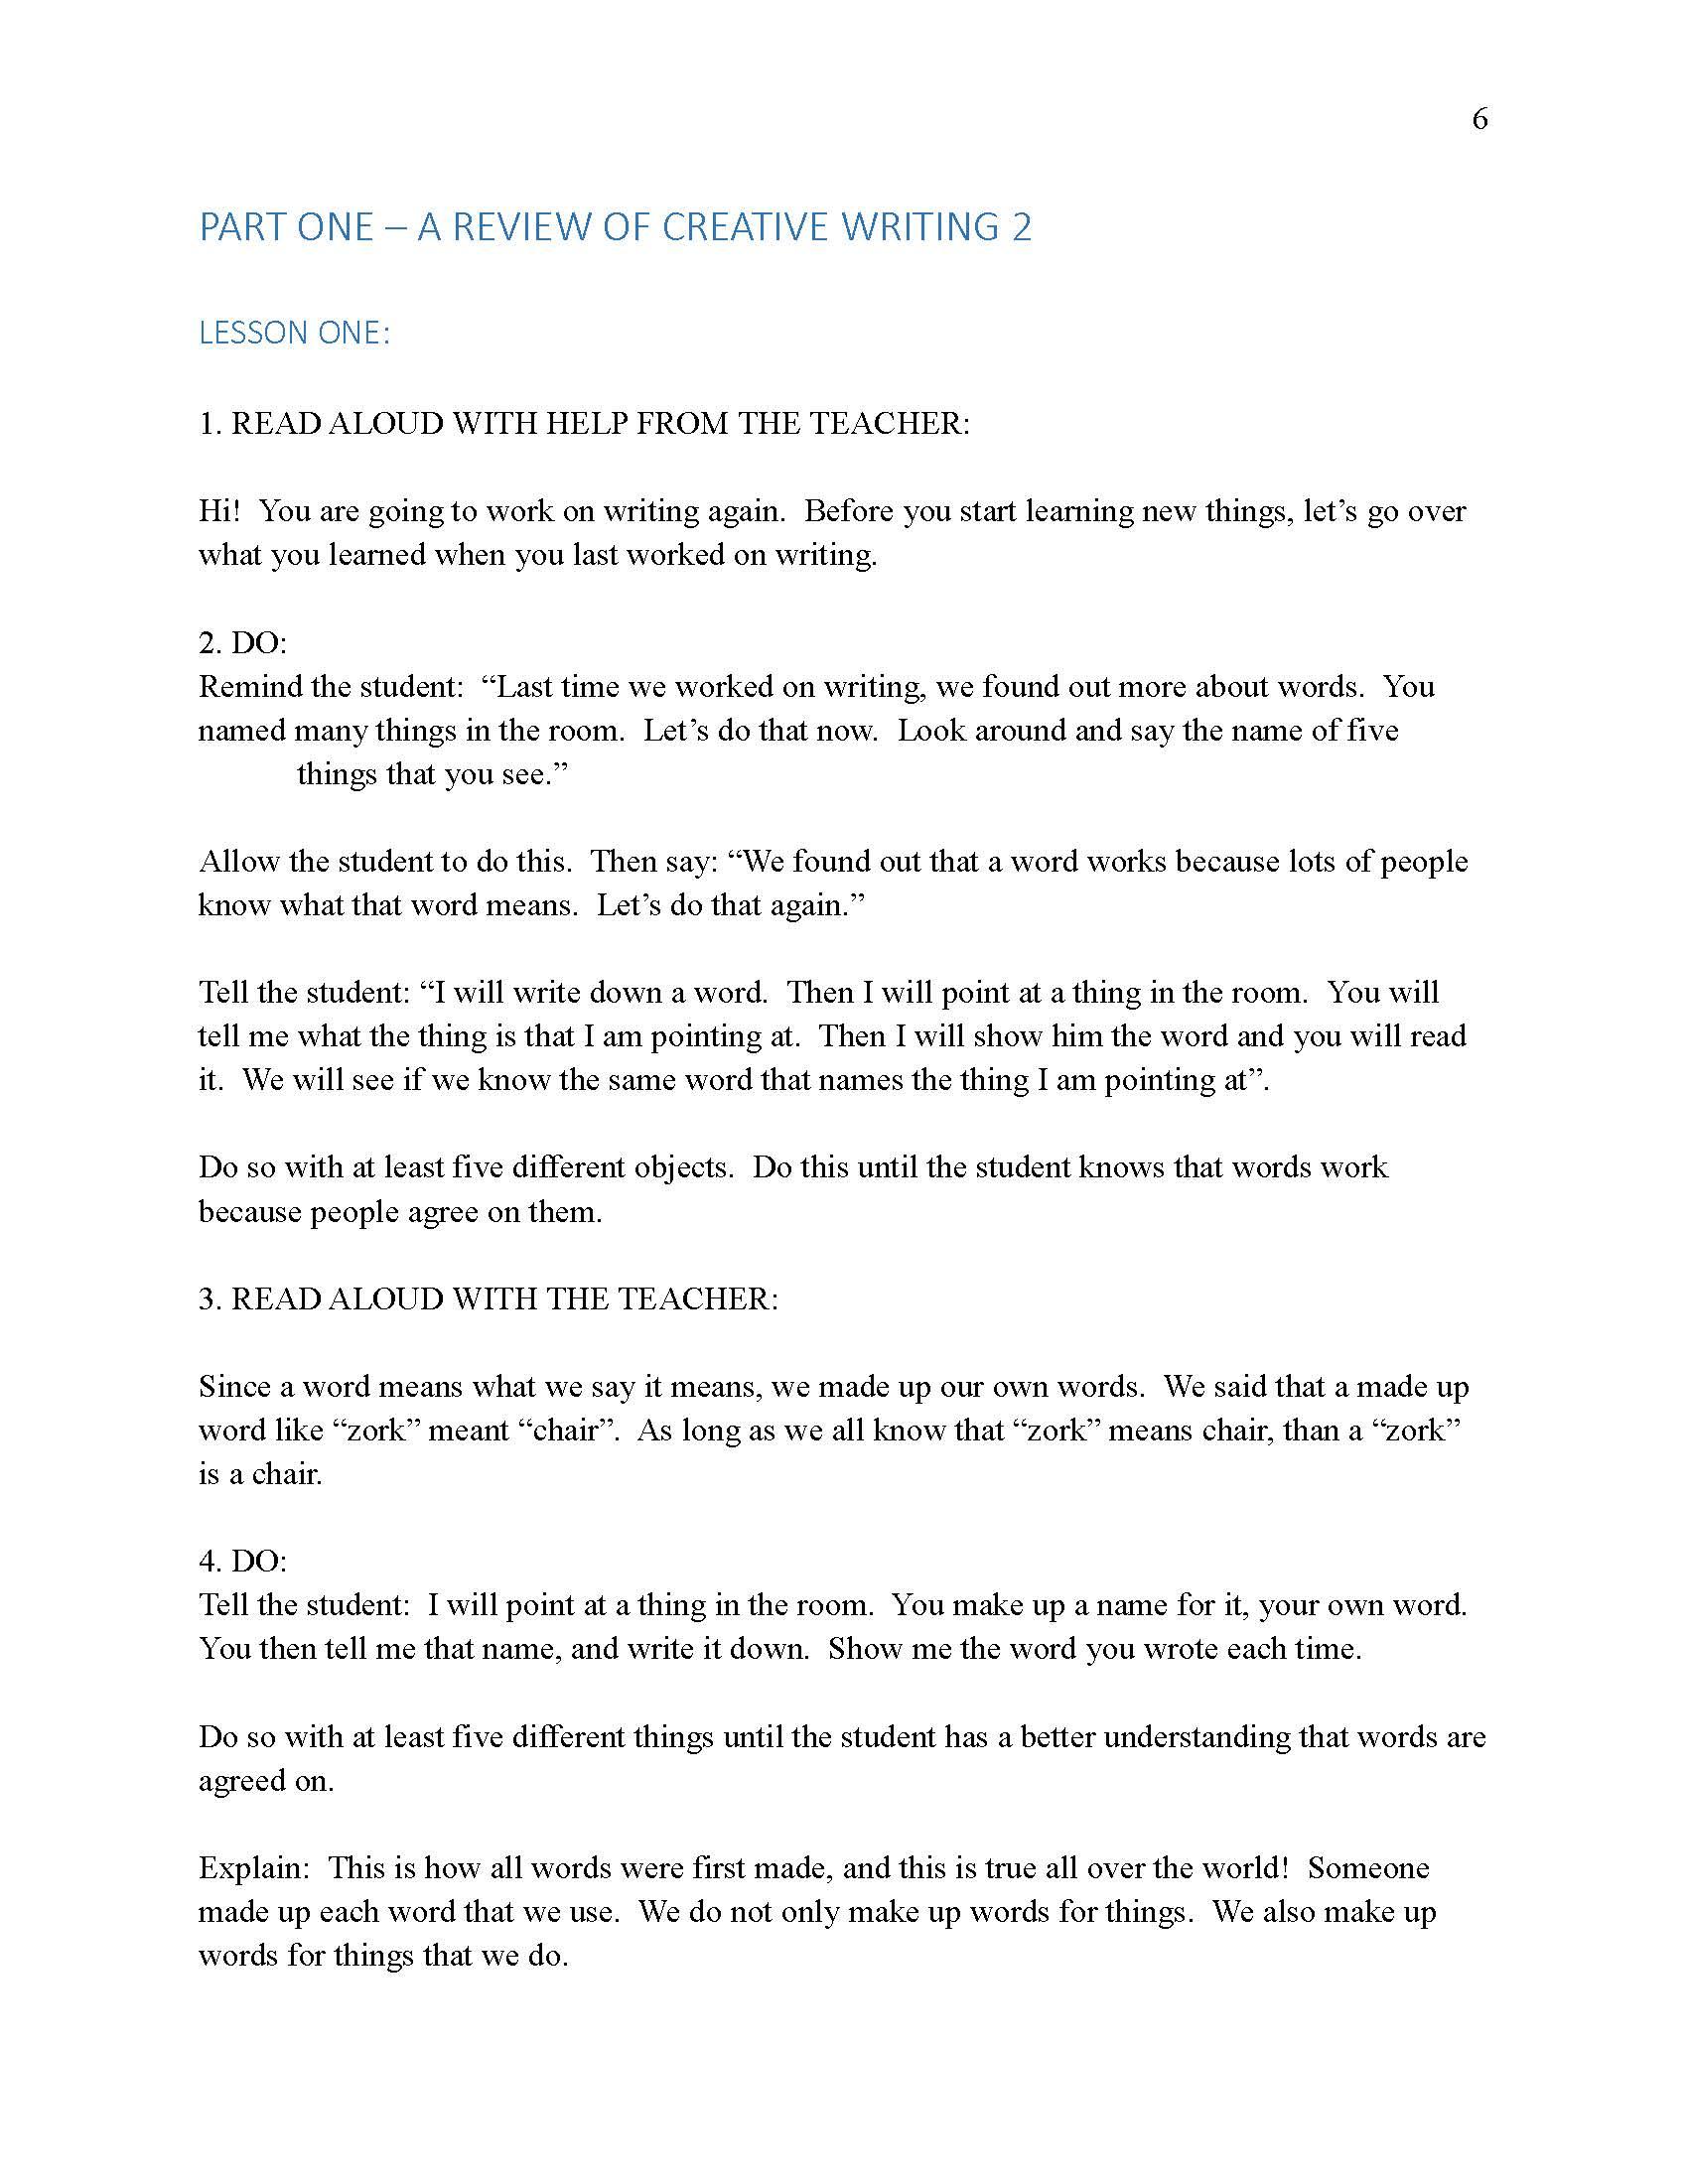 Step 1 Creative Writing 3_Page_007.jpg